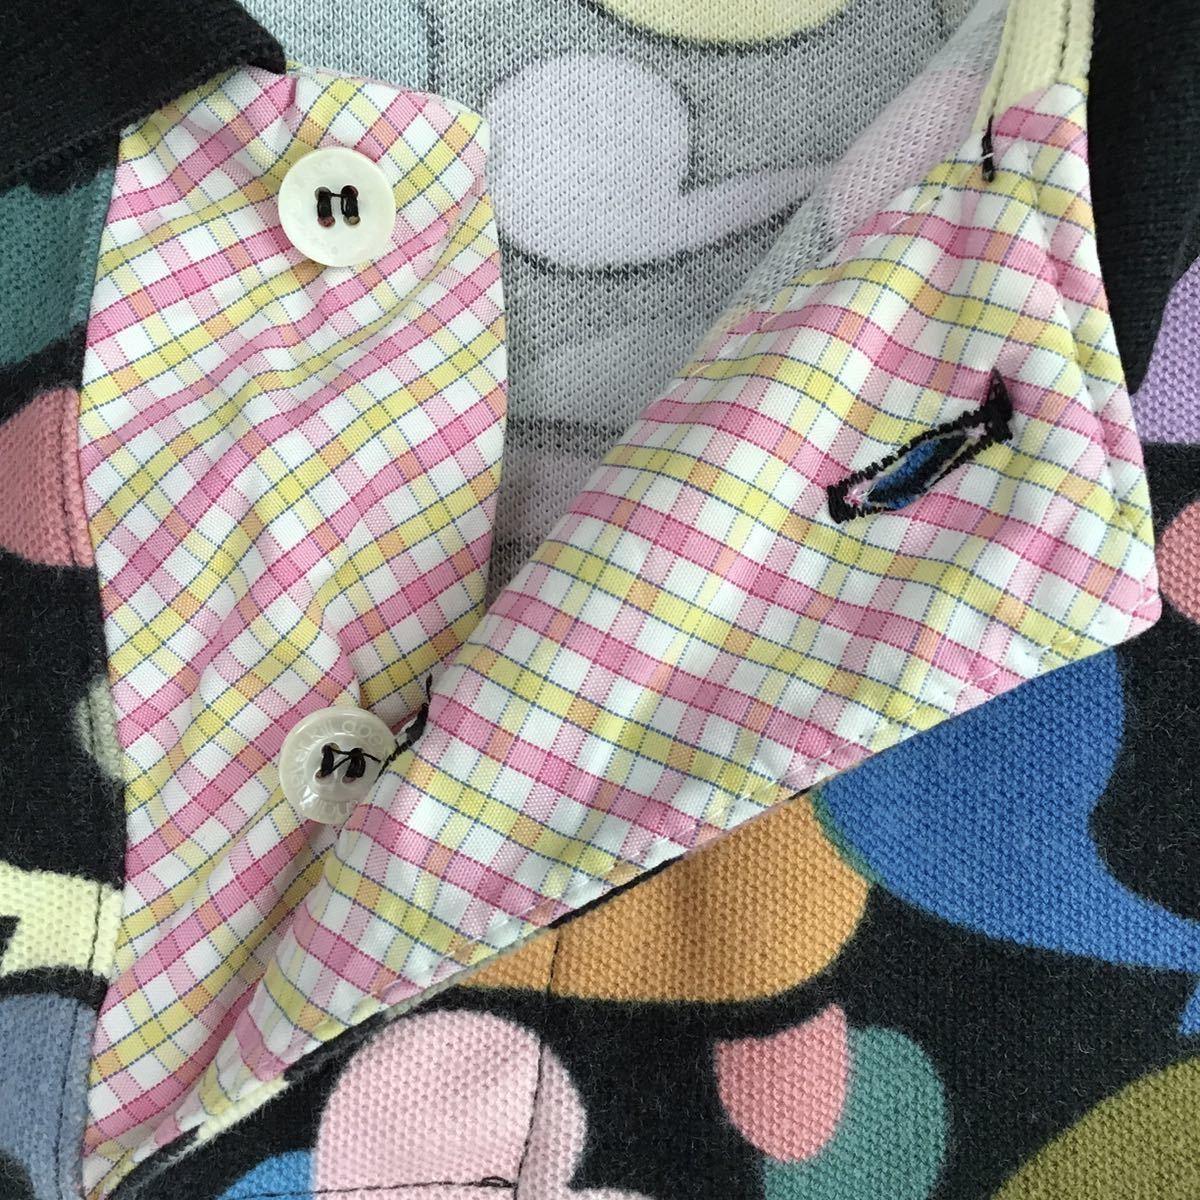 マイロ マルチカモ ポロシャツ Sサイズ a bathing ape bape エイプ ベイプ アベイシングエイプ baby milo multi camo 迷彩 polo shirt 2026